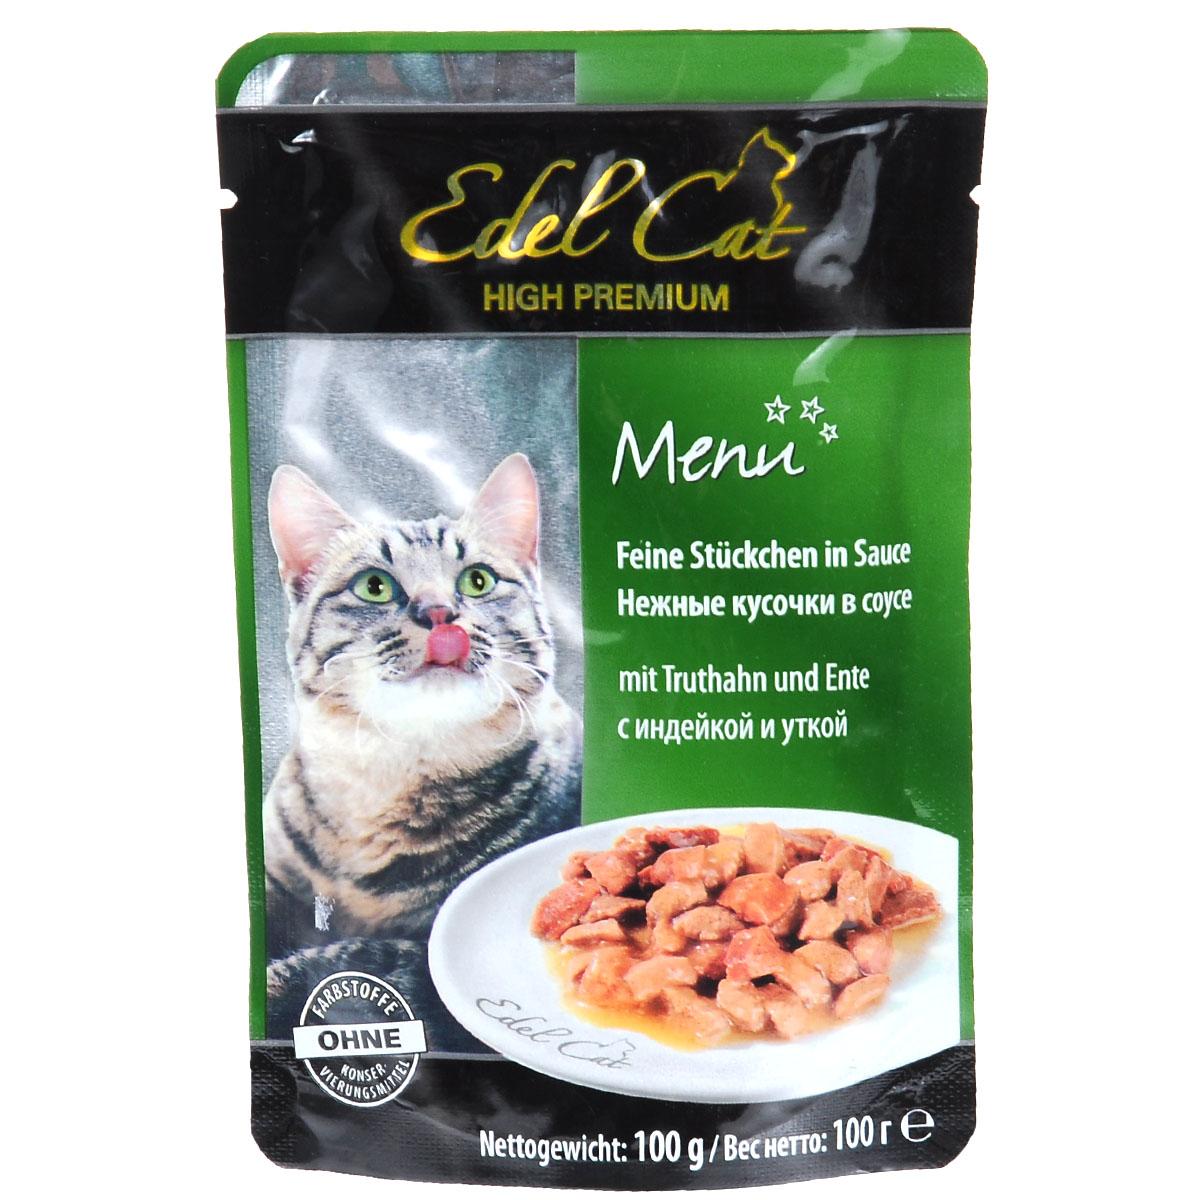 Консервы для кошек Edel Cat, с индейкой и уткой в соусе, 100 г корм edel cat гусь печень 100g 8104